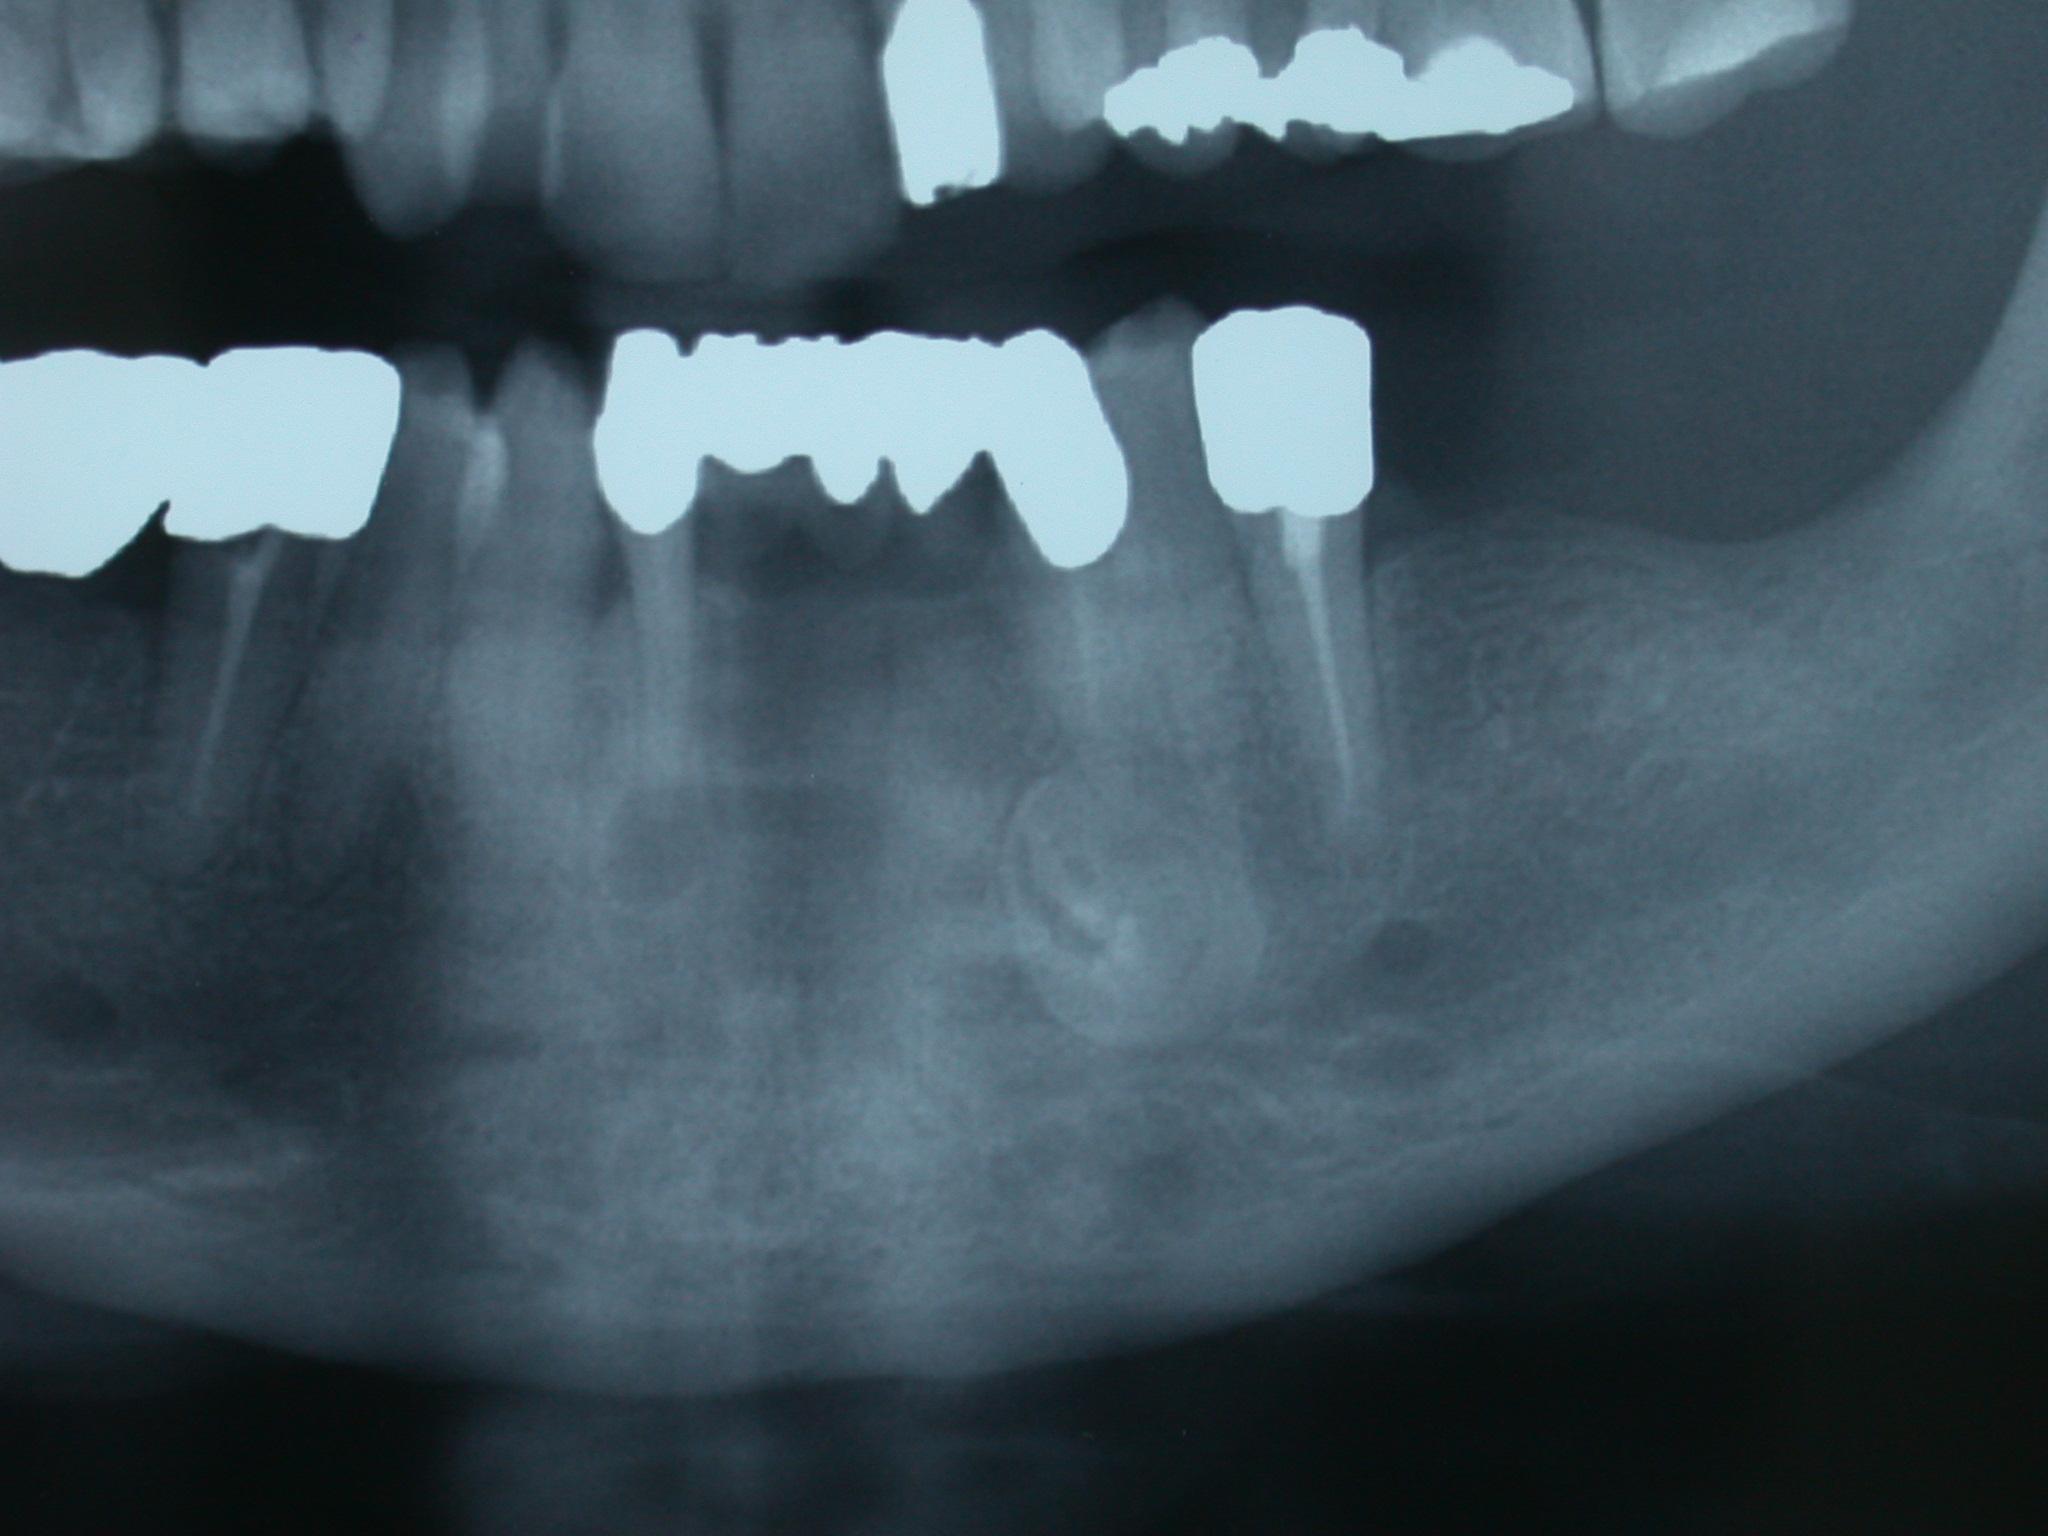 Asportazione chirurgica di odontoma composito in regione canina mandibolare.